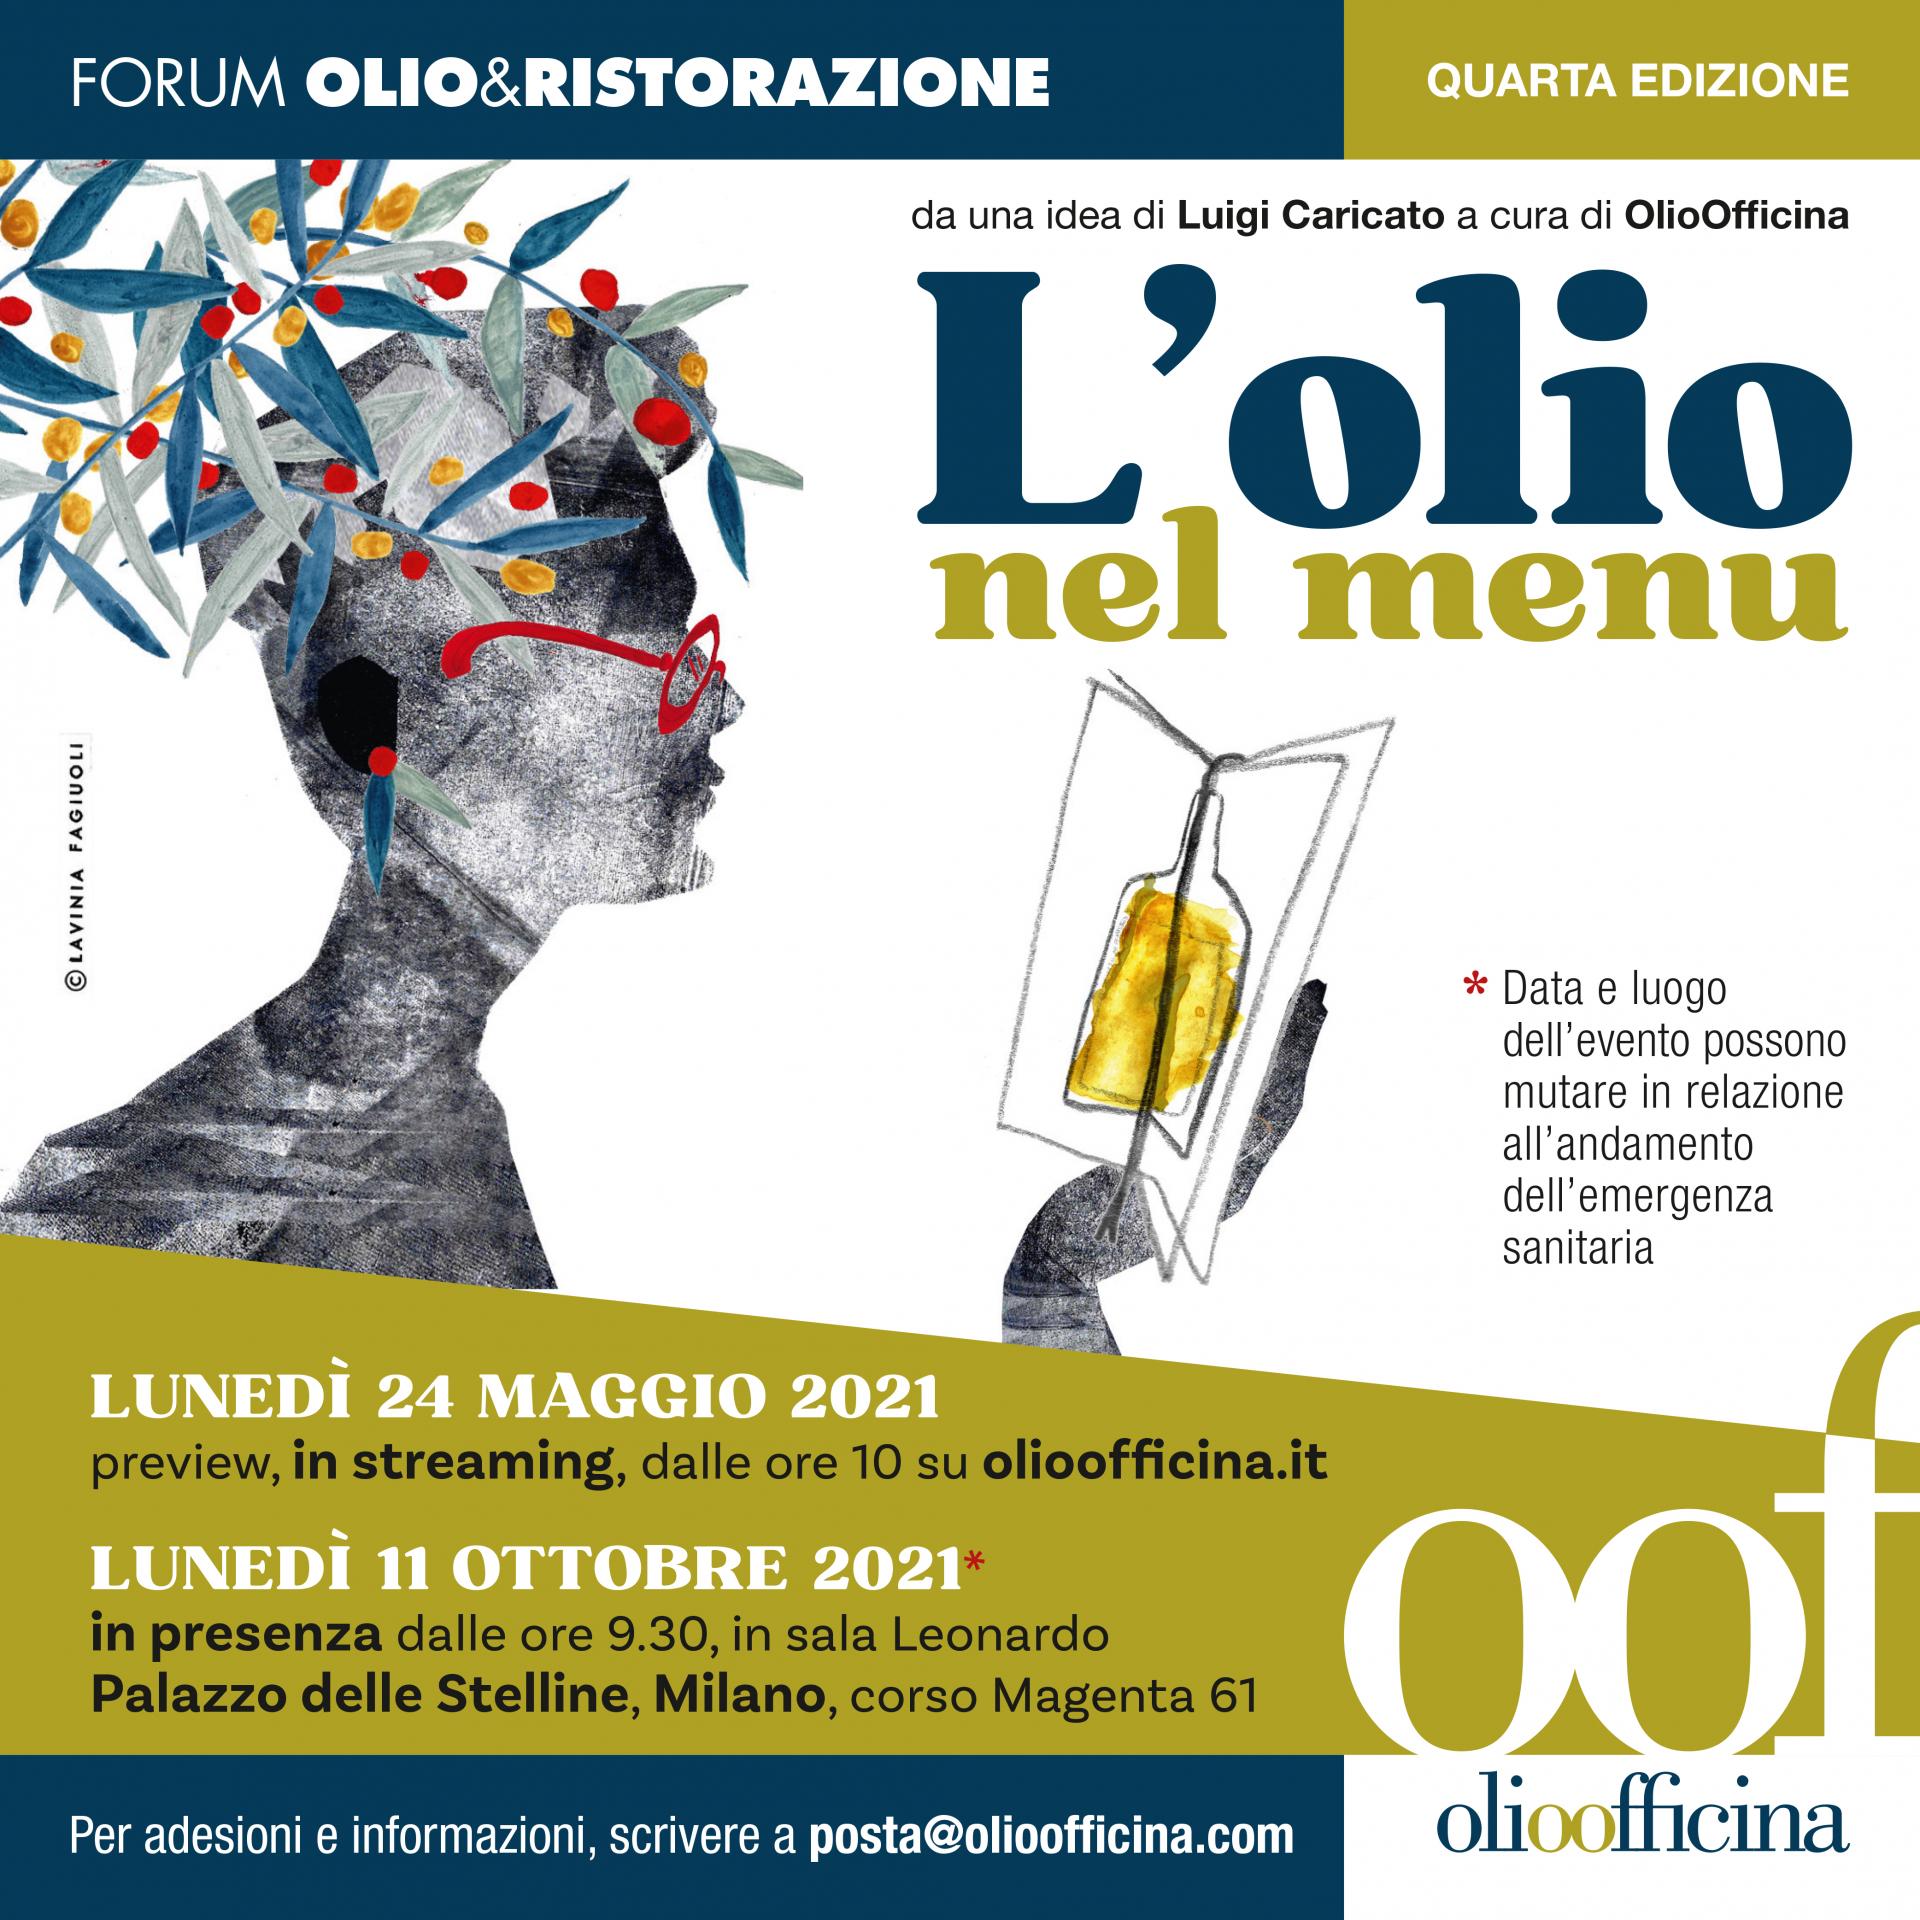 Forum Olio & Ristorazione. Segui la diretta